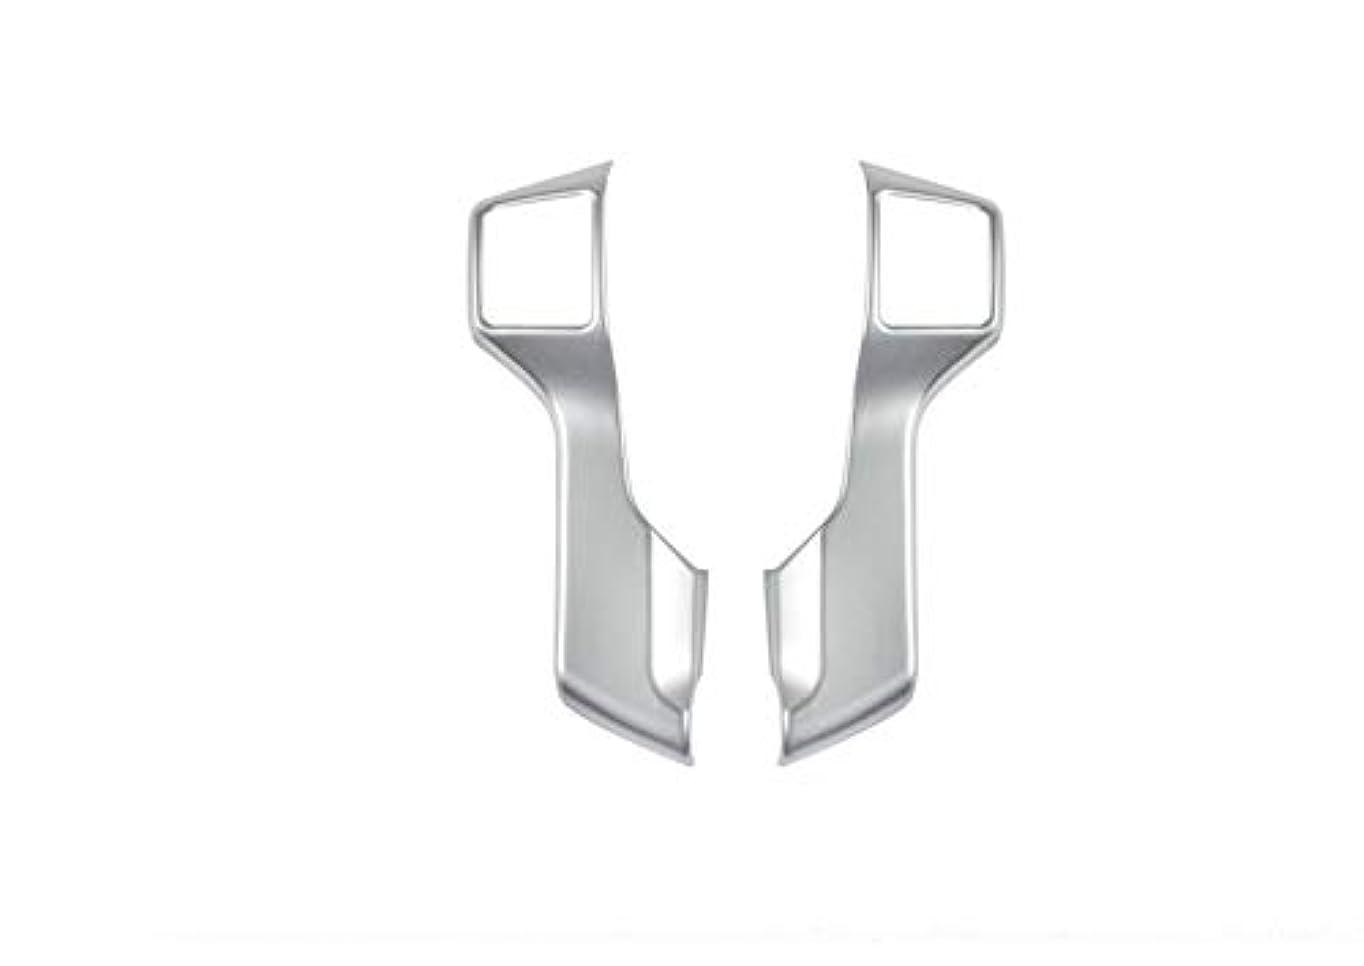 遠足公爵夫人雪だるまを作るJicorzo - 2PCS Chrome ABS Steering Wheel Molding Cover Trim For Toyota Prado FJ150 2010-2018 Car Interior Accessories Styling